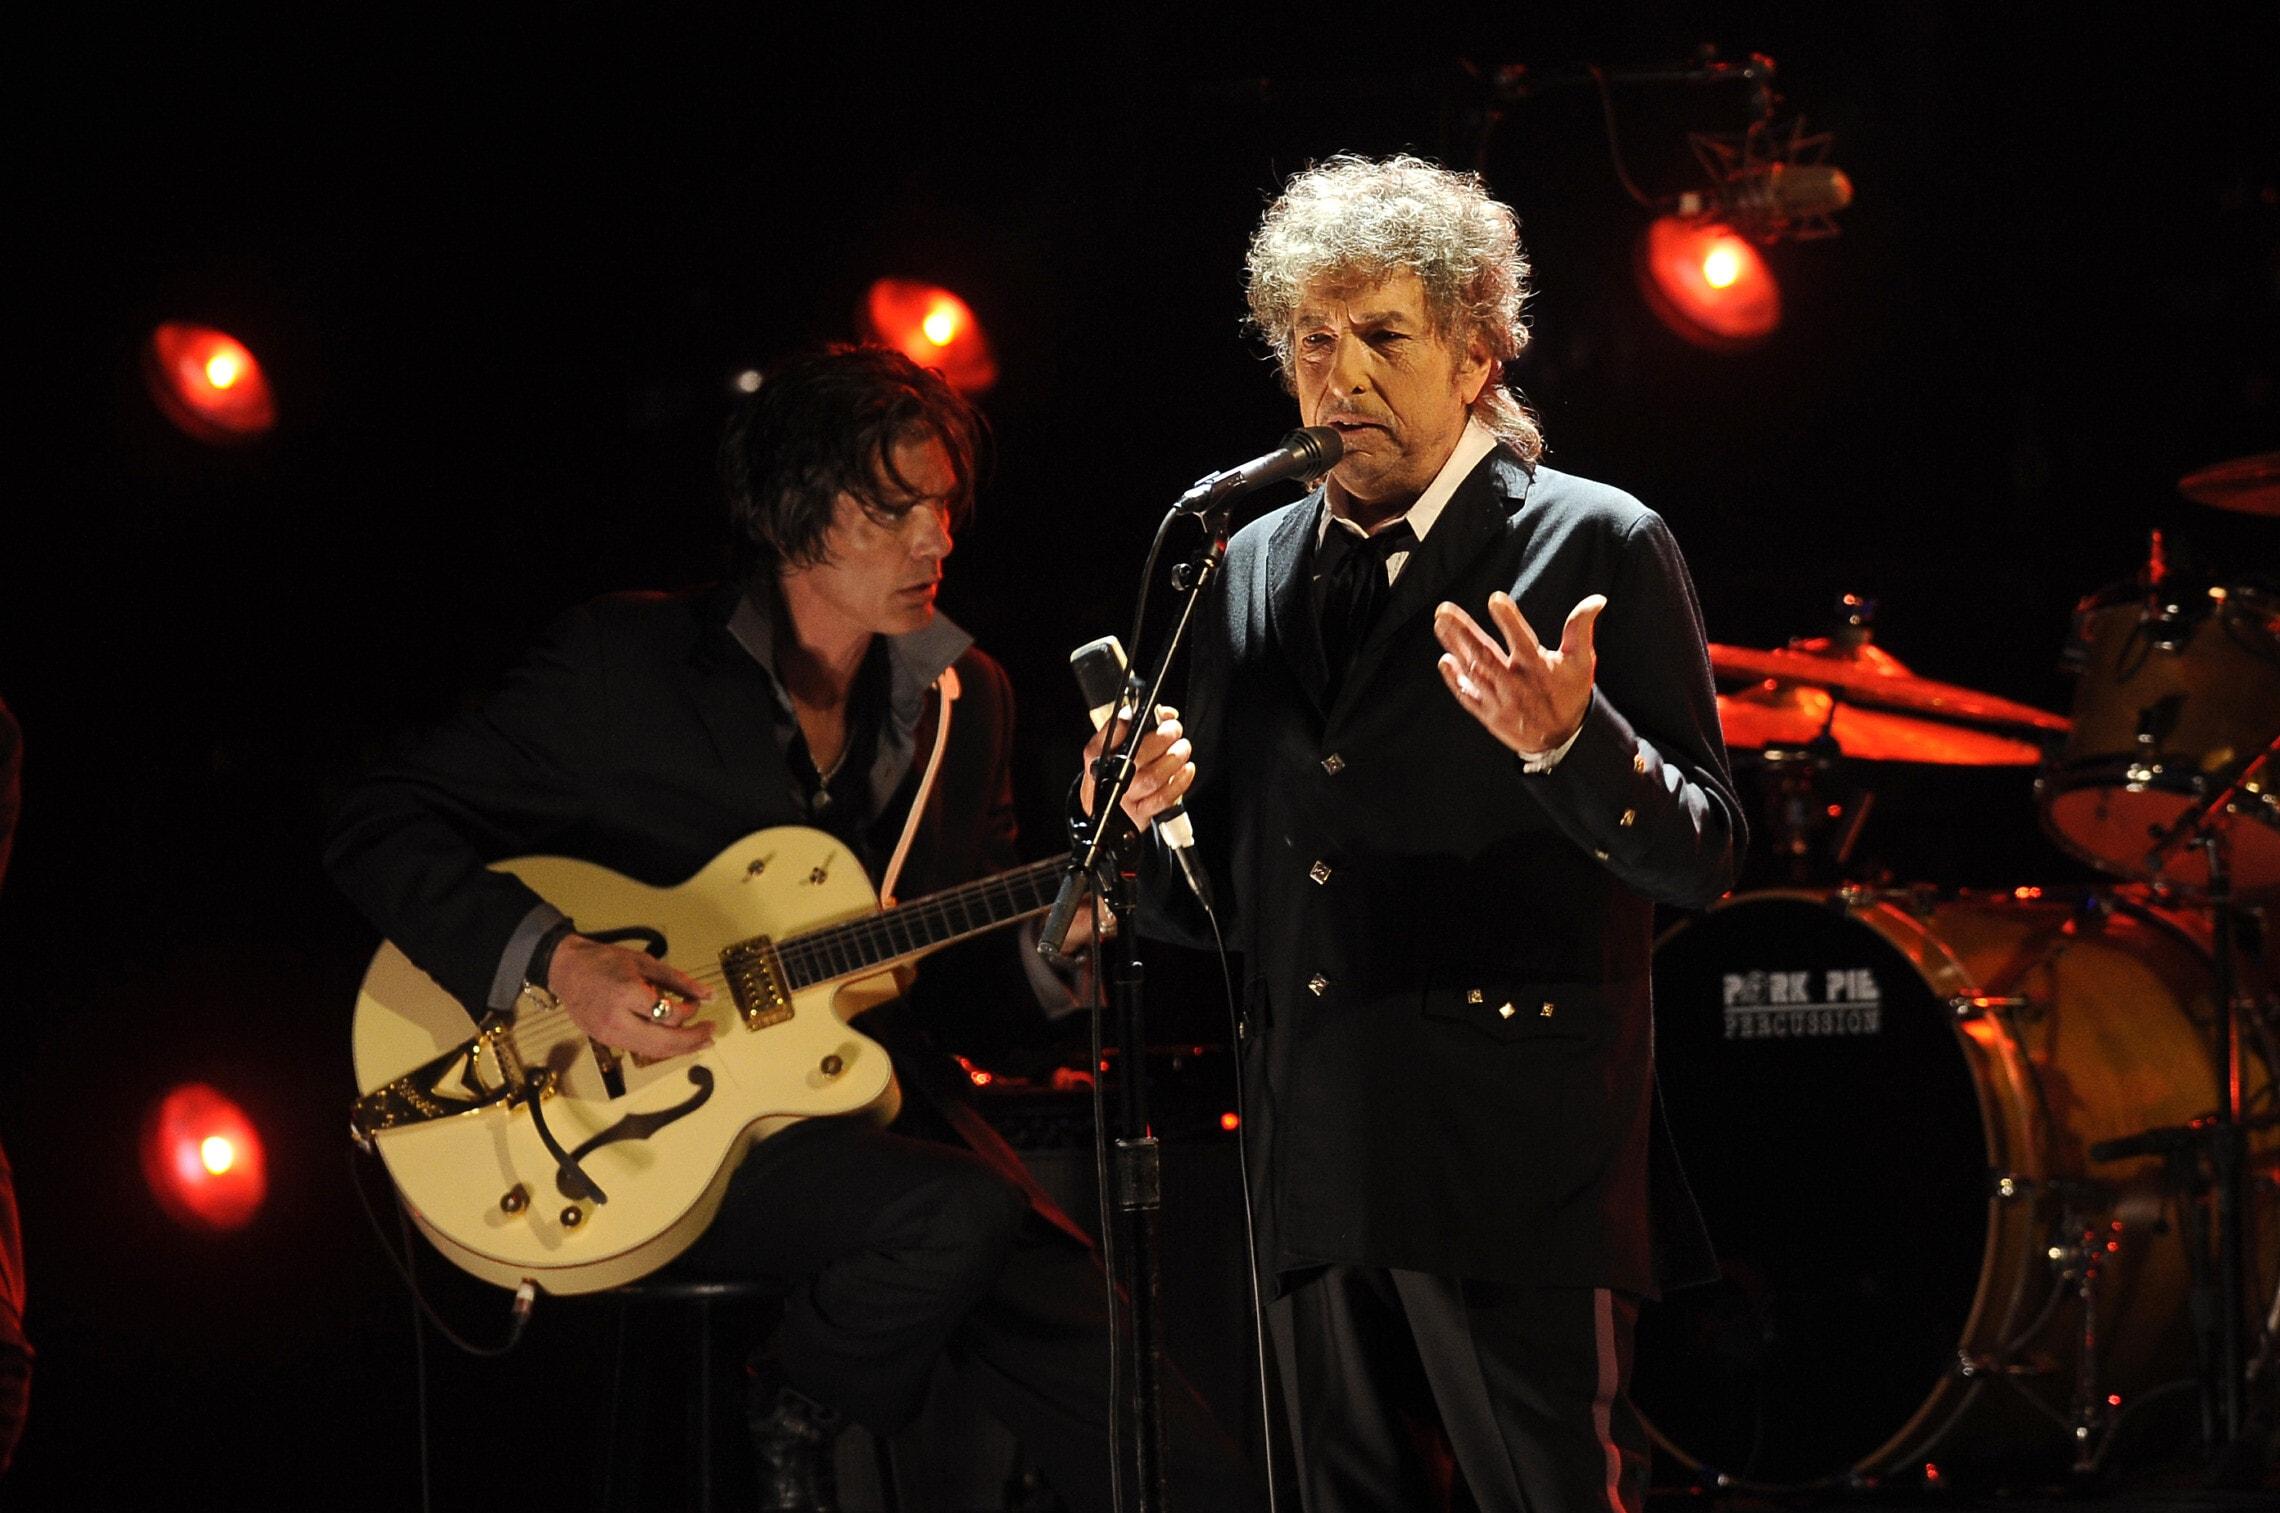 בוב דילן בהופעה ב-2012 (צילום: AP Photo/Chris Pizzello)